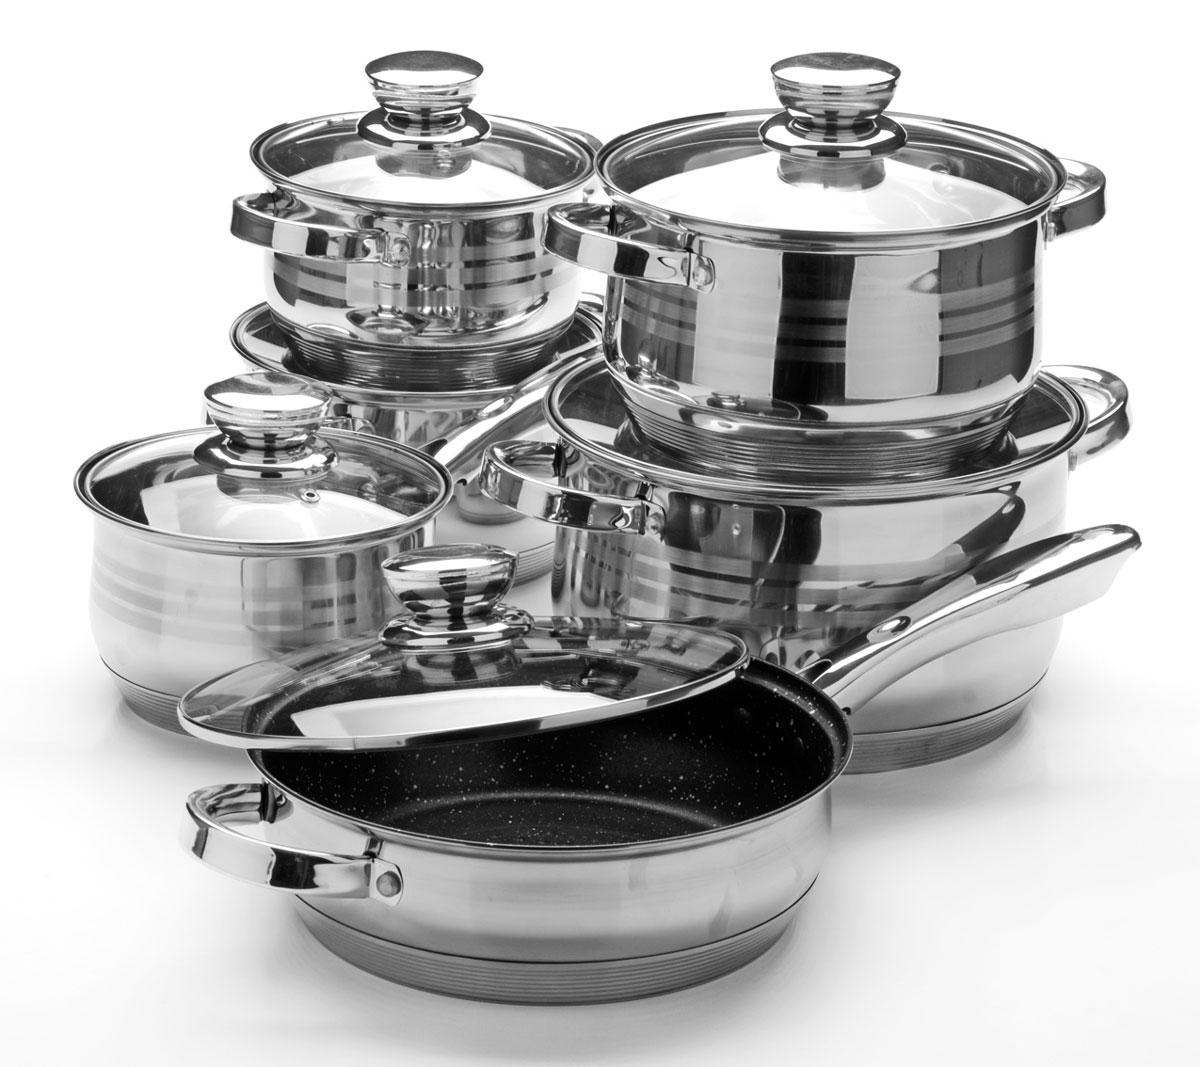 Набор посуды Mayer & Boch, 12 предметов. 2603326033Набор посуды станет отличным дополнением к набору кухонной утвари. С его приобретением приготовление ваших любимых блюд перейдет на качественно новый уровень и вы сможете воплотить в жизнь любые кулинарные идеи. В комплект входят 12 предметов: сотейник (объем 2,1 л), 4 кастрюли (объем 2,1, 2,9, 3,9, 6,6 л), сковорода (объем 3,4 л), 6 крышек. Покрытие сковороды - мраморная крошка.Набор многофункционален и удобен в использовании, подойдет для варки супов, приготовления блюд из мяса и рыбы, гарниров, соусов т. д.Можно мыть в посудомоечной машине.